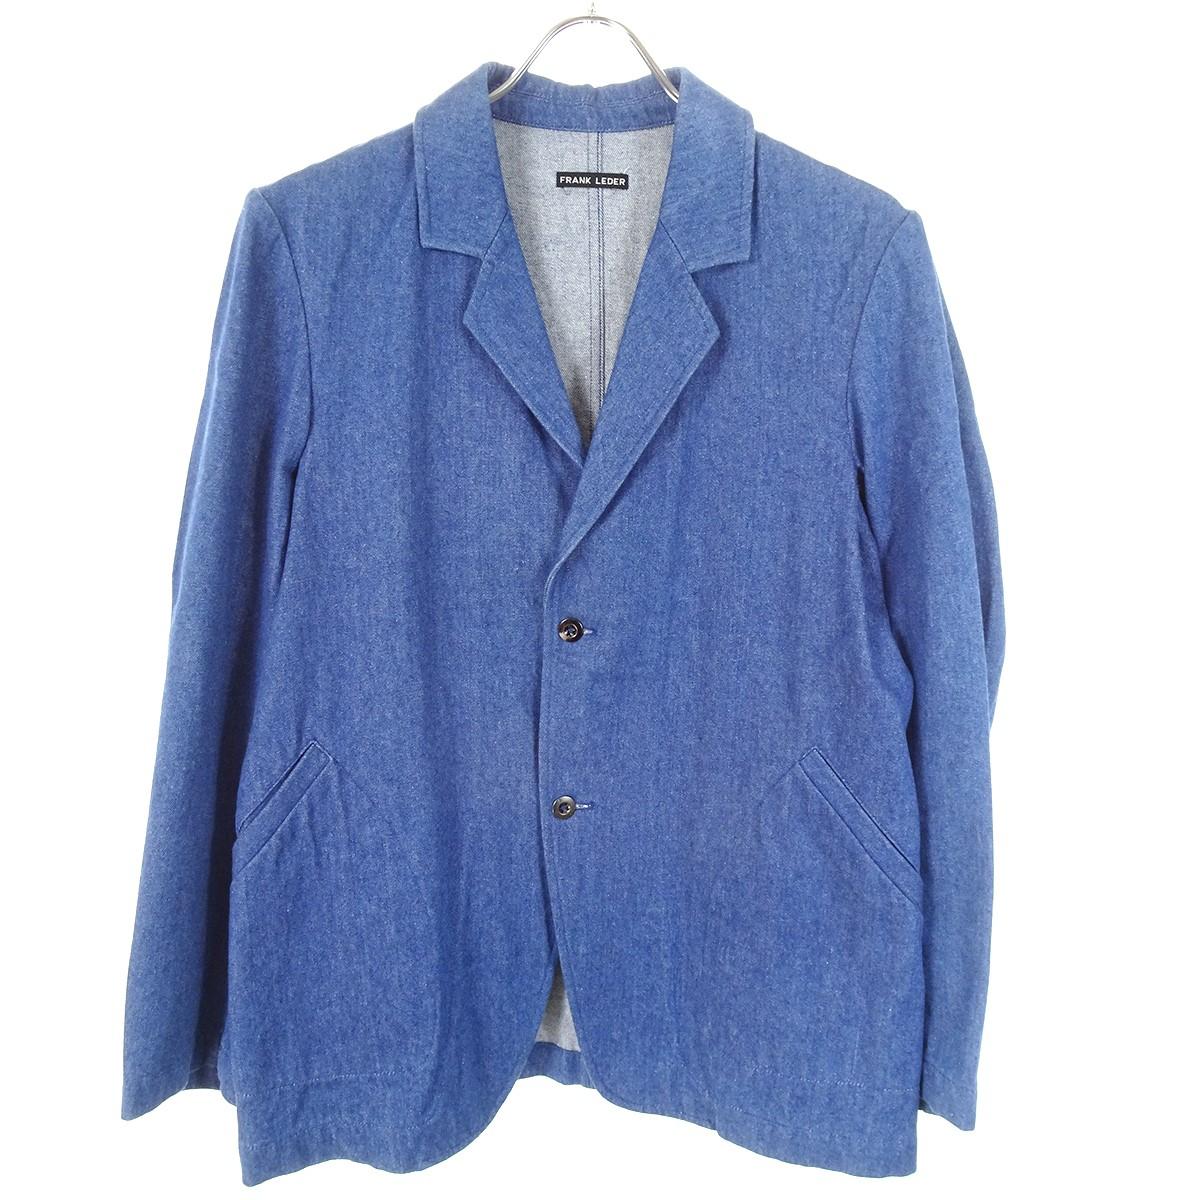 【中古】FRANK LEDER デニムジャケット インディゴ サイズ:XS 【110220】(フランクリーダー)